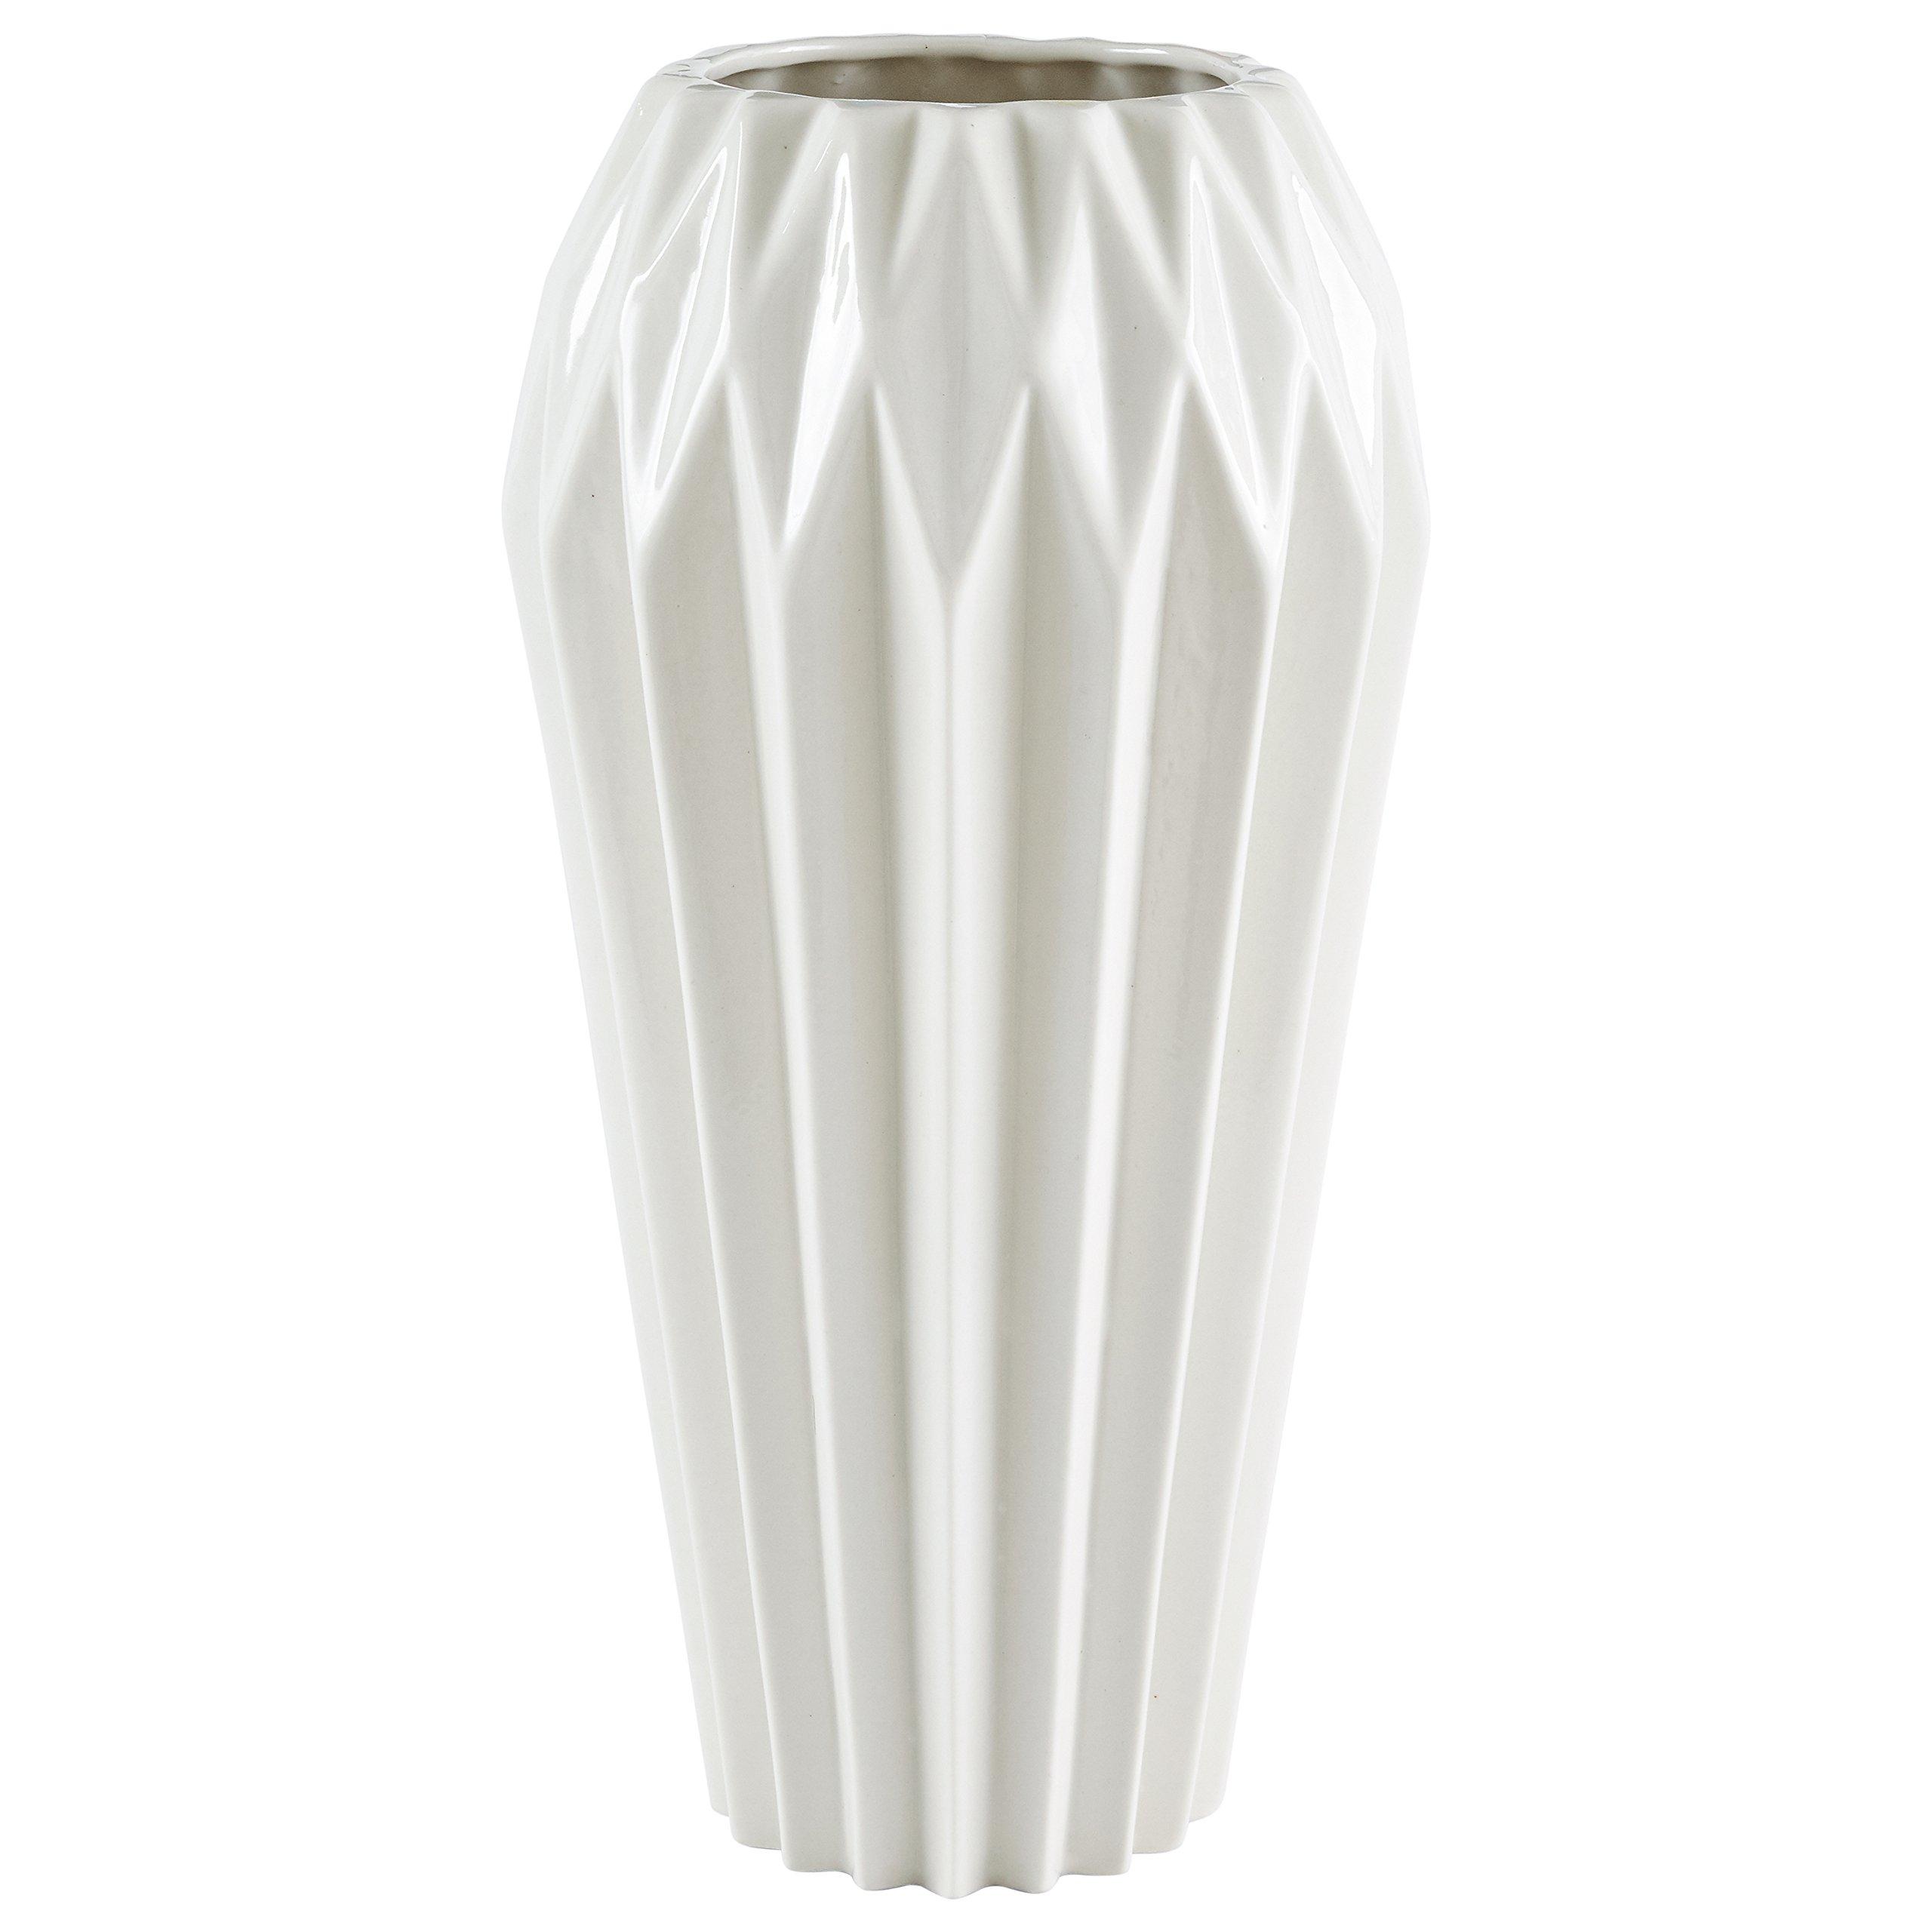 Rivet Modern Angled Stoneware Vase, 11.9''H, White